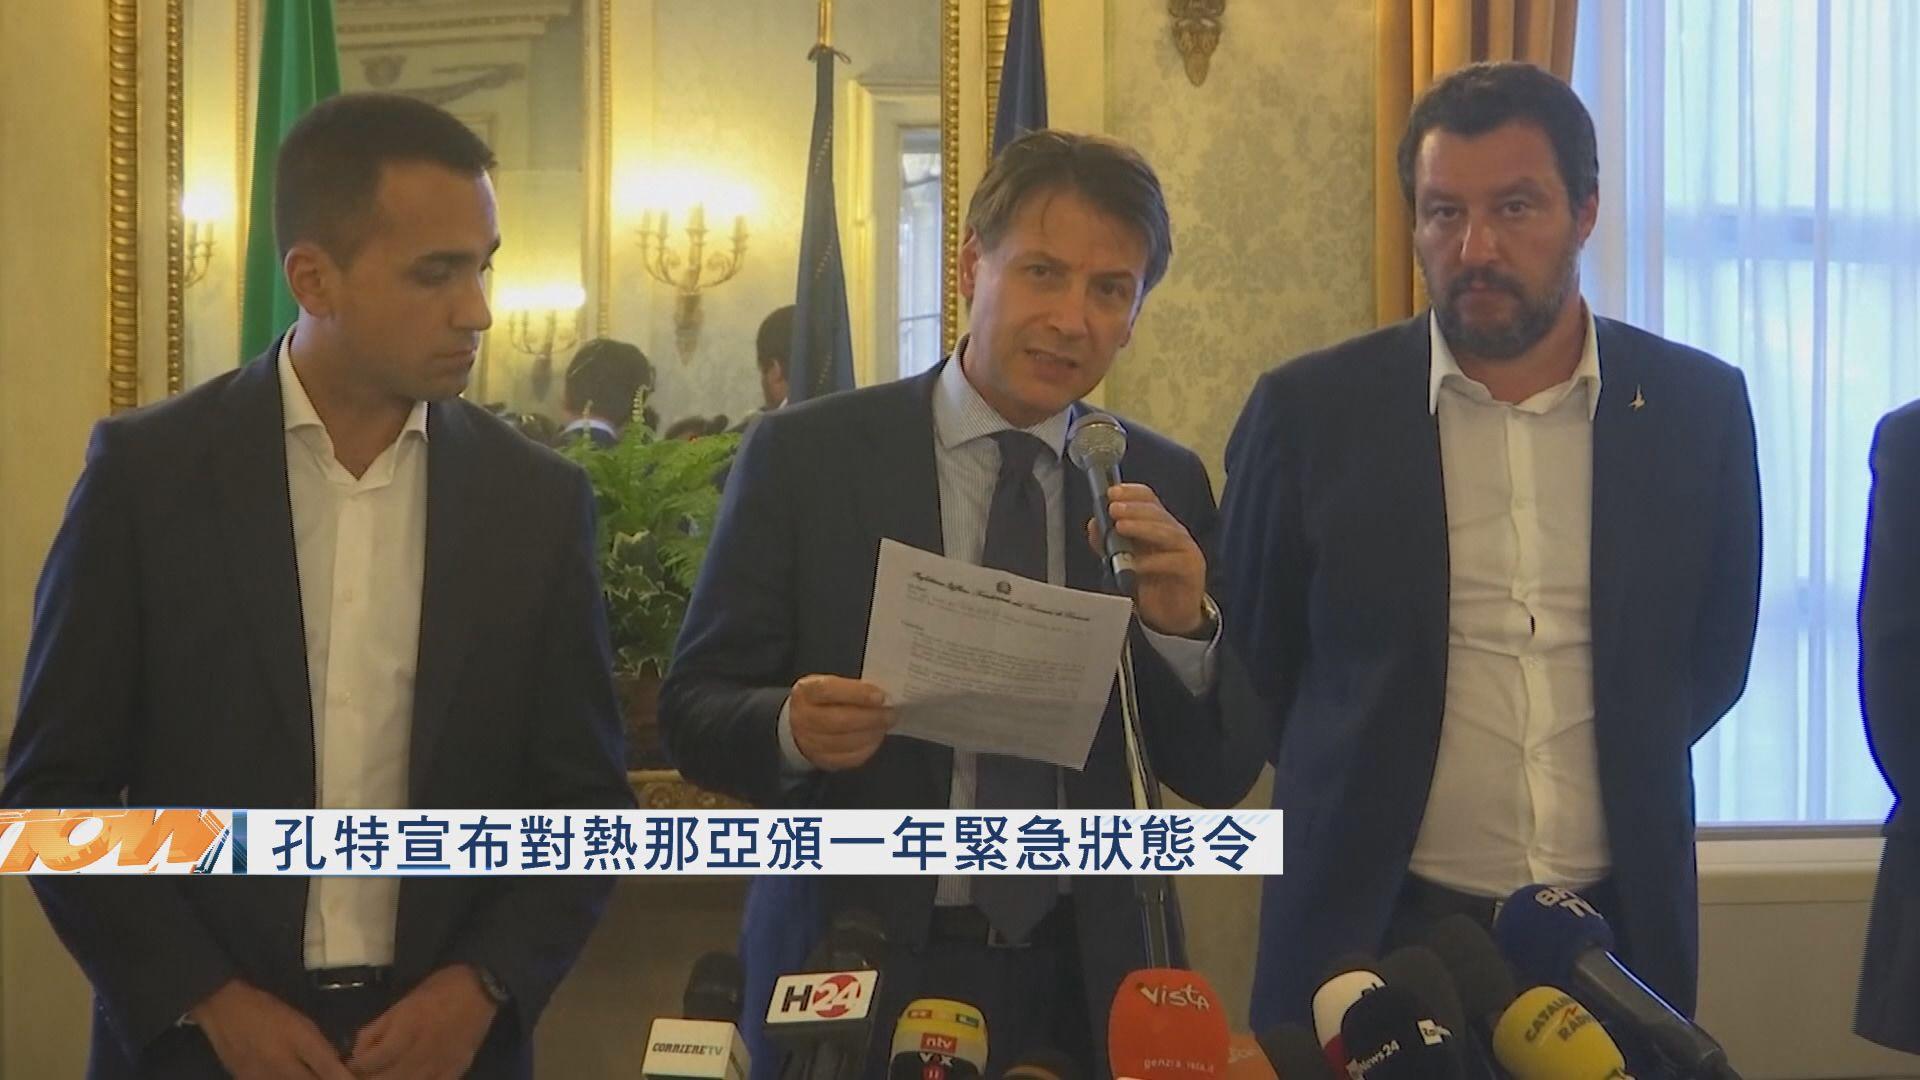 意總理孔特宣布對熱那亞頒一年緊急狀態令